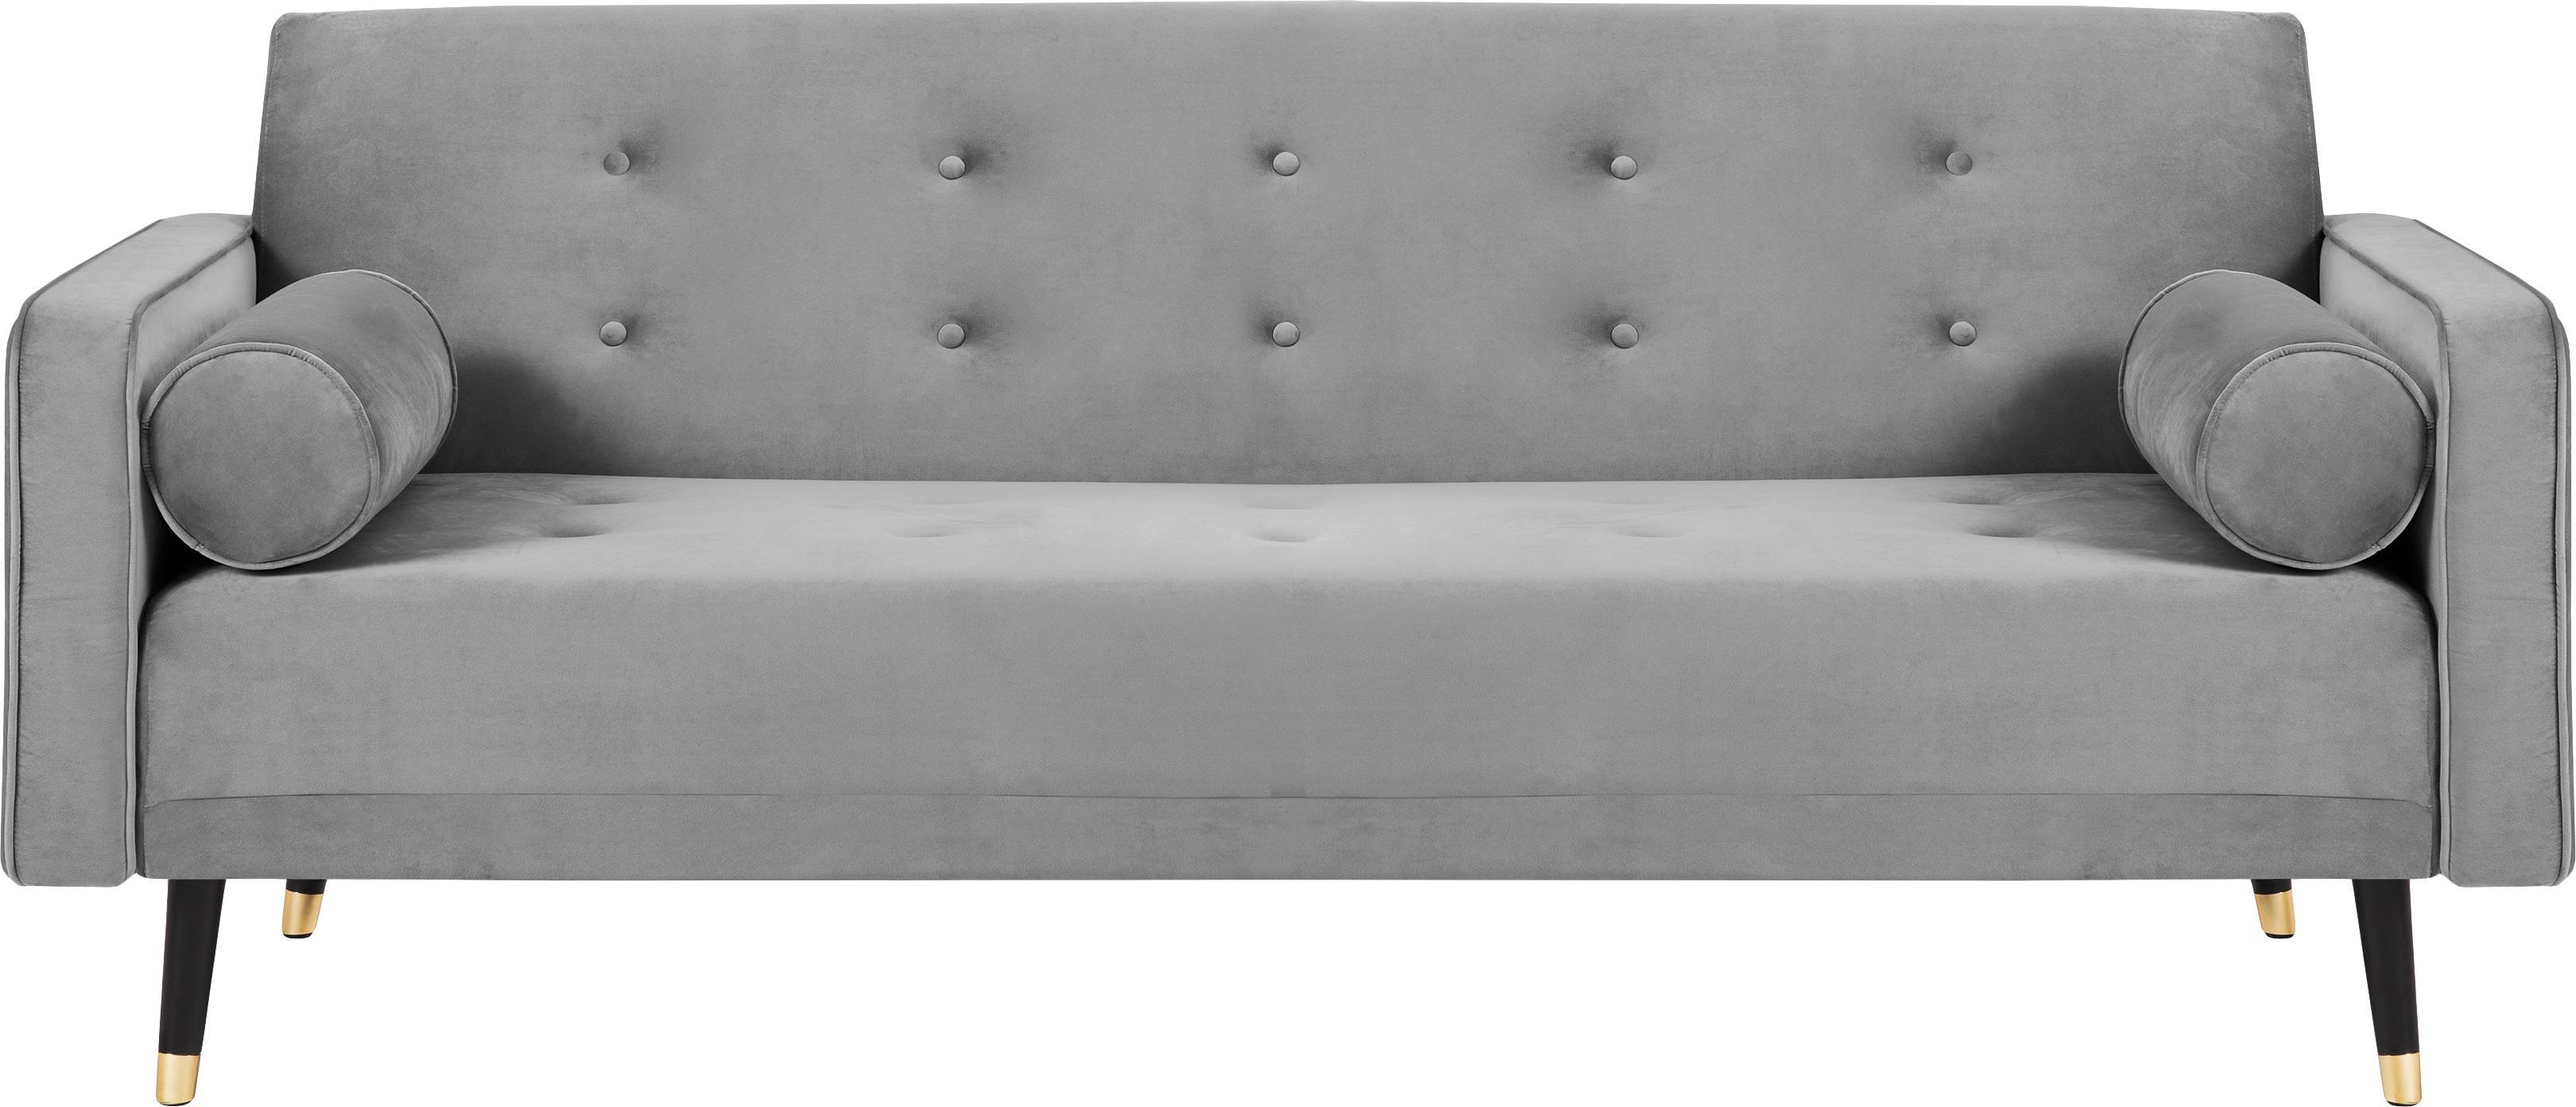 Divano letto 3 posti in velluto grigio chiaro Gia, Rivestimento: velluto di poliestere, Cornice: legno di pino massiccio, Sottostruttura: truciolato, compensato, m, Piedini: legno di faggio, vernicia, Velluto grigio chiaro, Larg. 212 x Prof. 93 cm